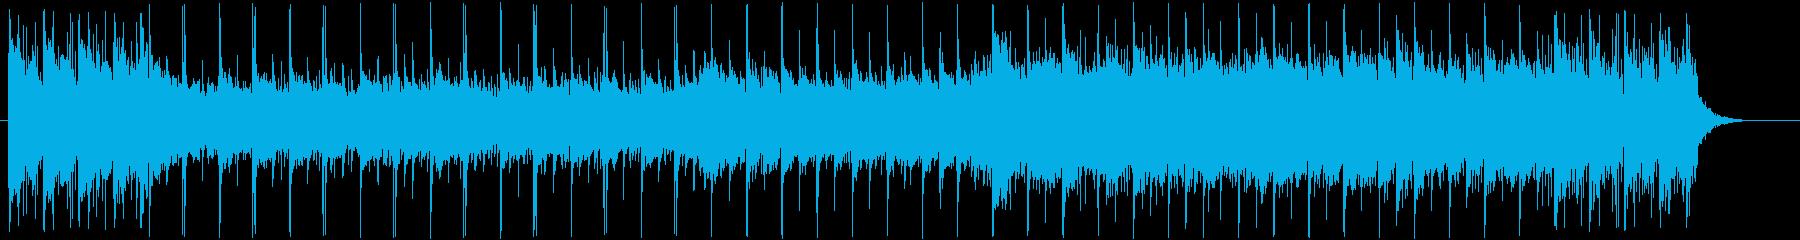 バクパイプが印象的で爽やかなポップバンドの再生済みの波形